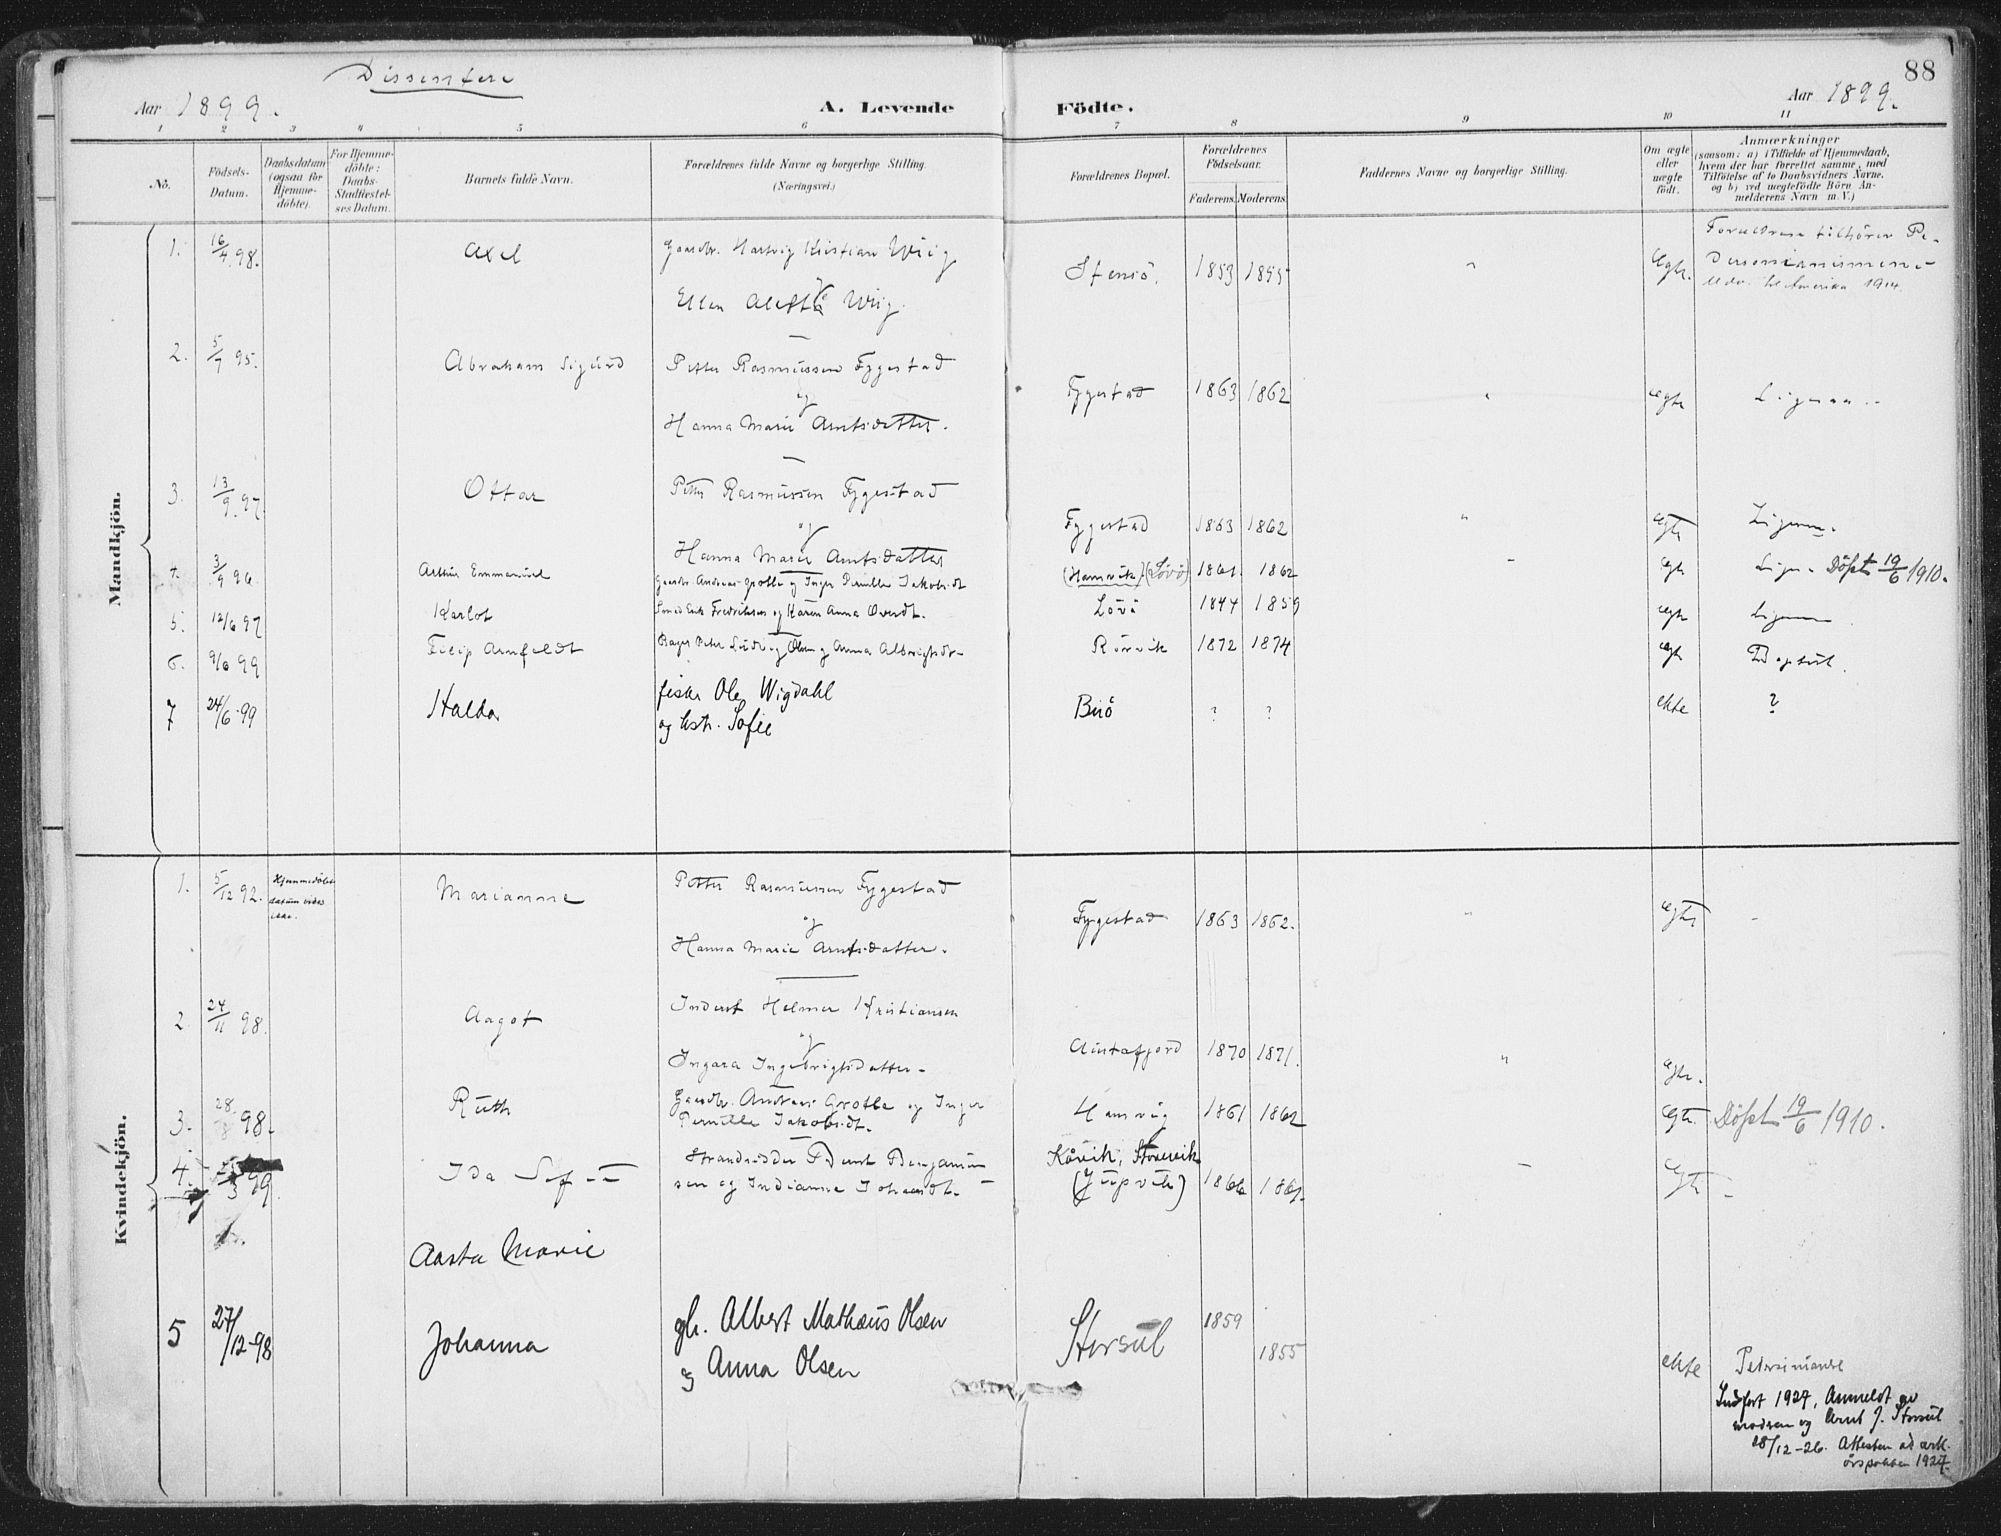 SAT, Ministerialprotokoller, klokkerbøker og fødselsregistre - Nord-Trøndelag, 786/L0687: Ministerialbok nr. 786A03, 1888-1898, s. 88